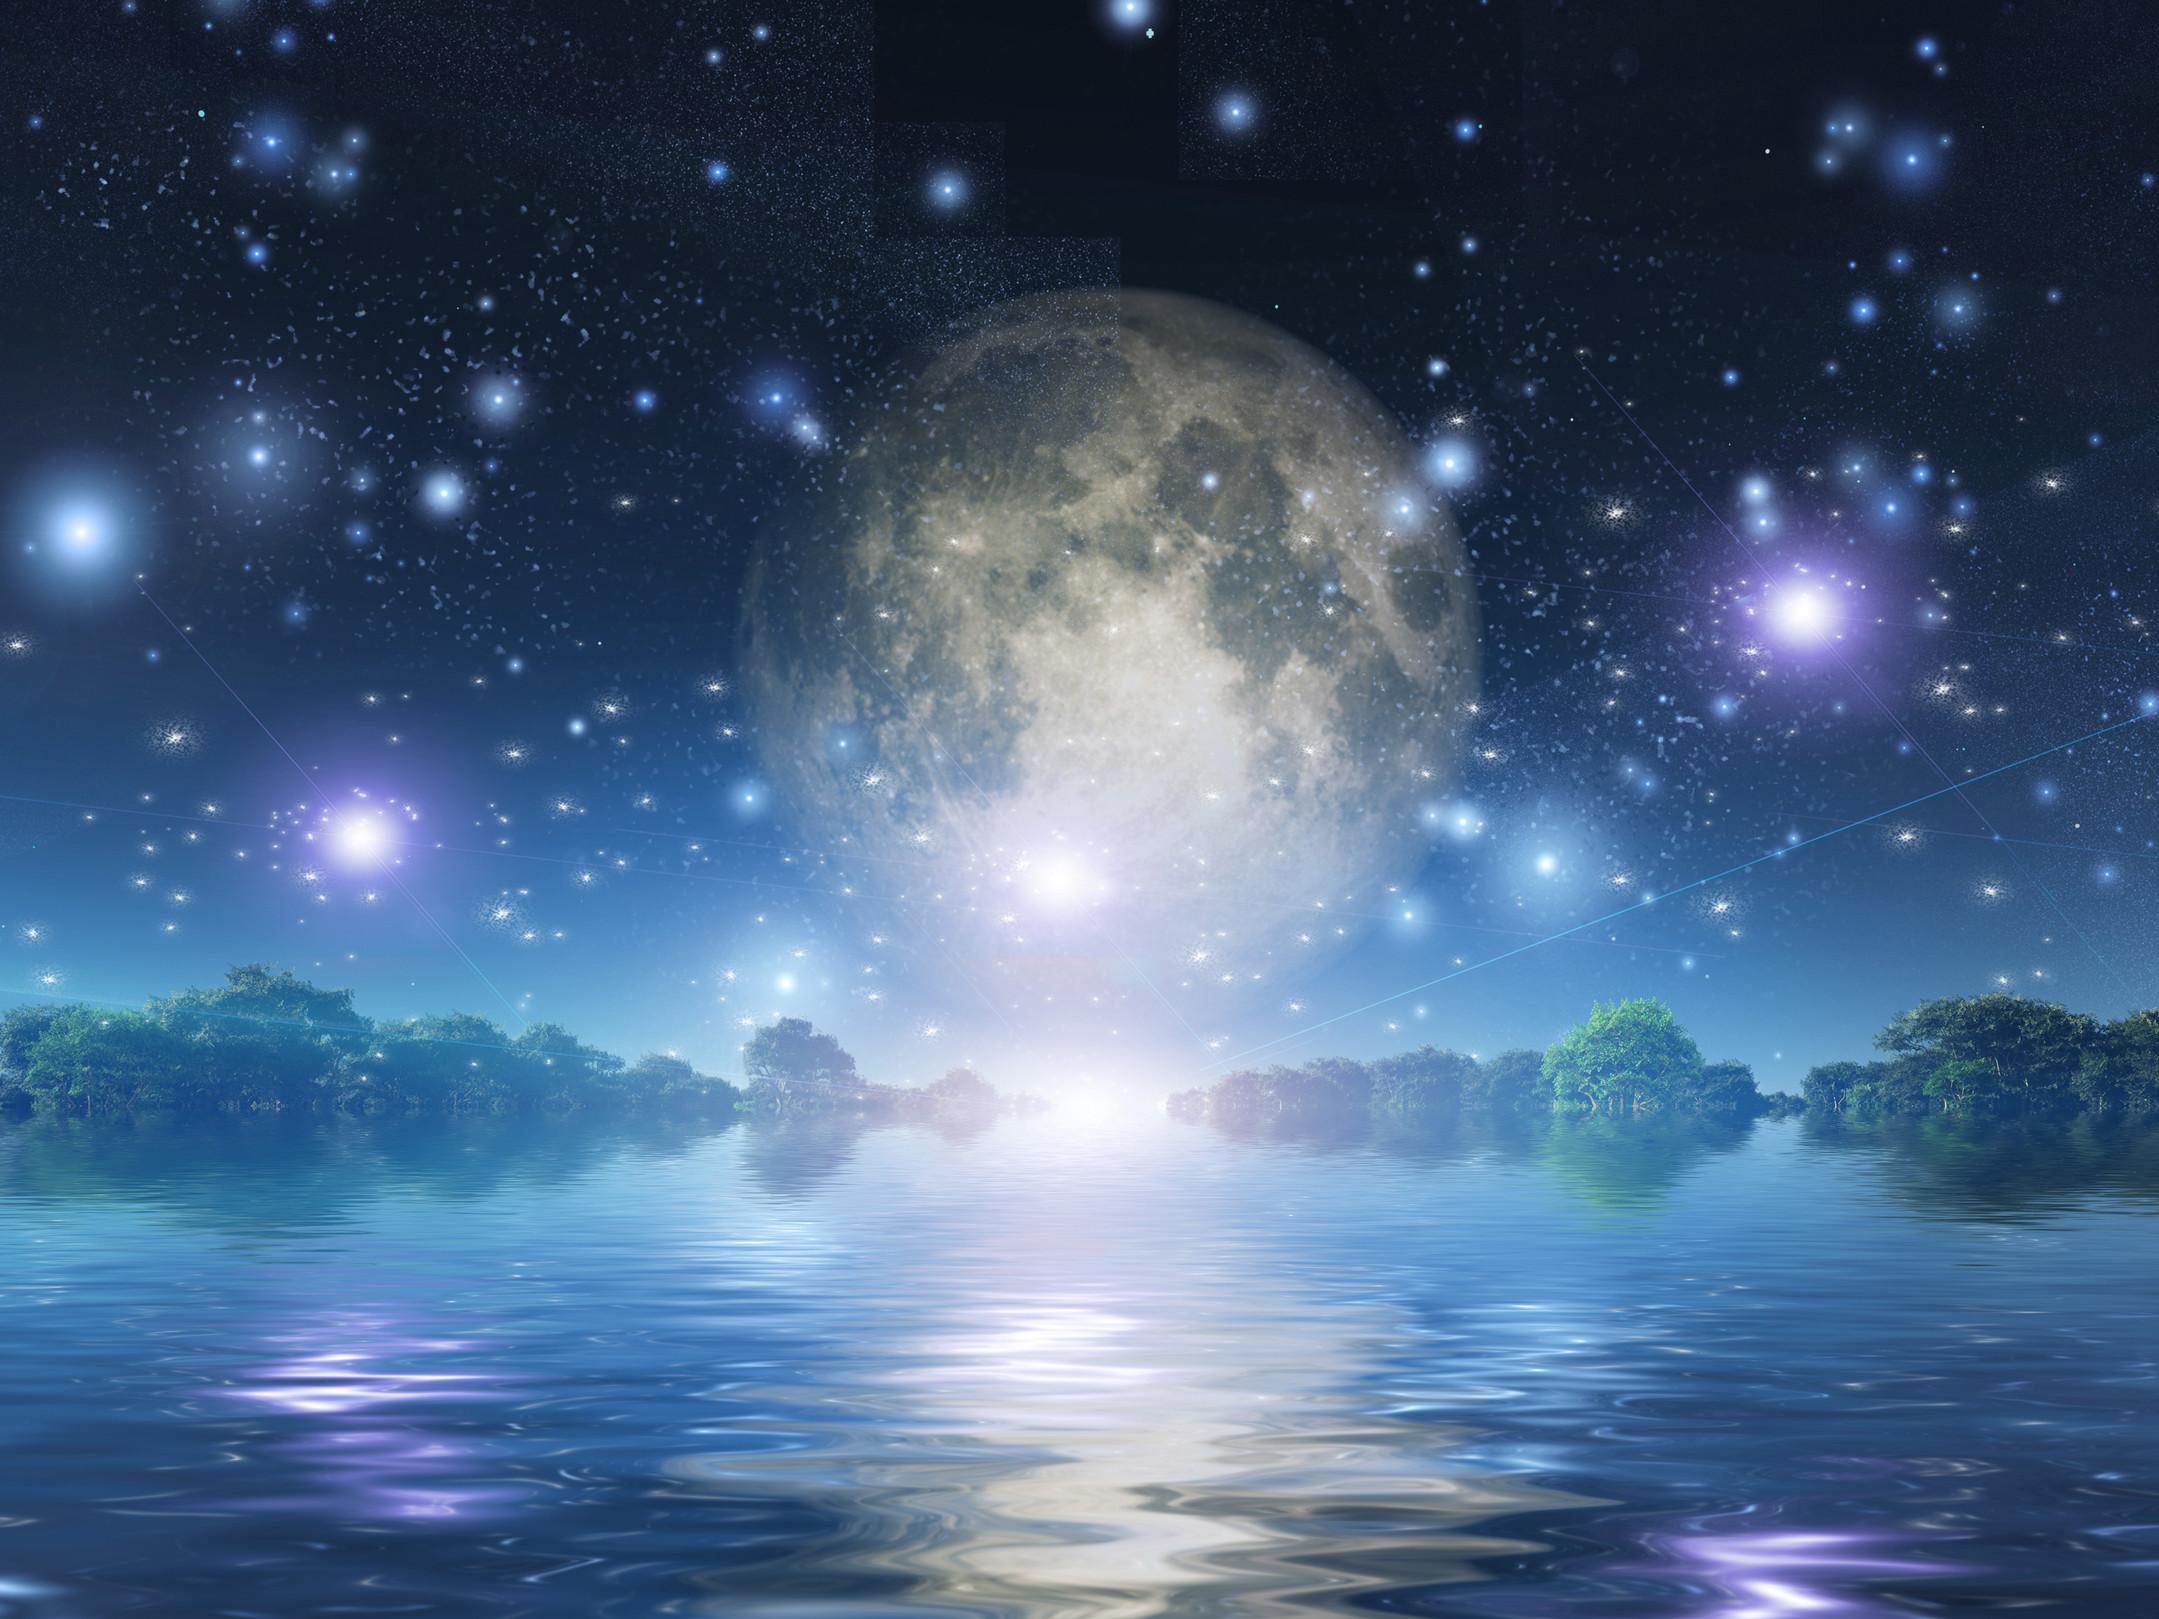 Full moon sparkles_k22773592.jpg